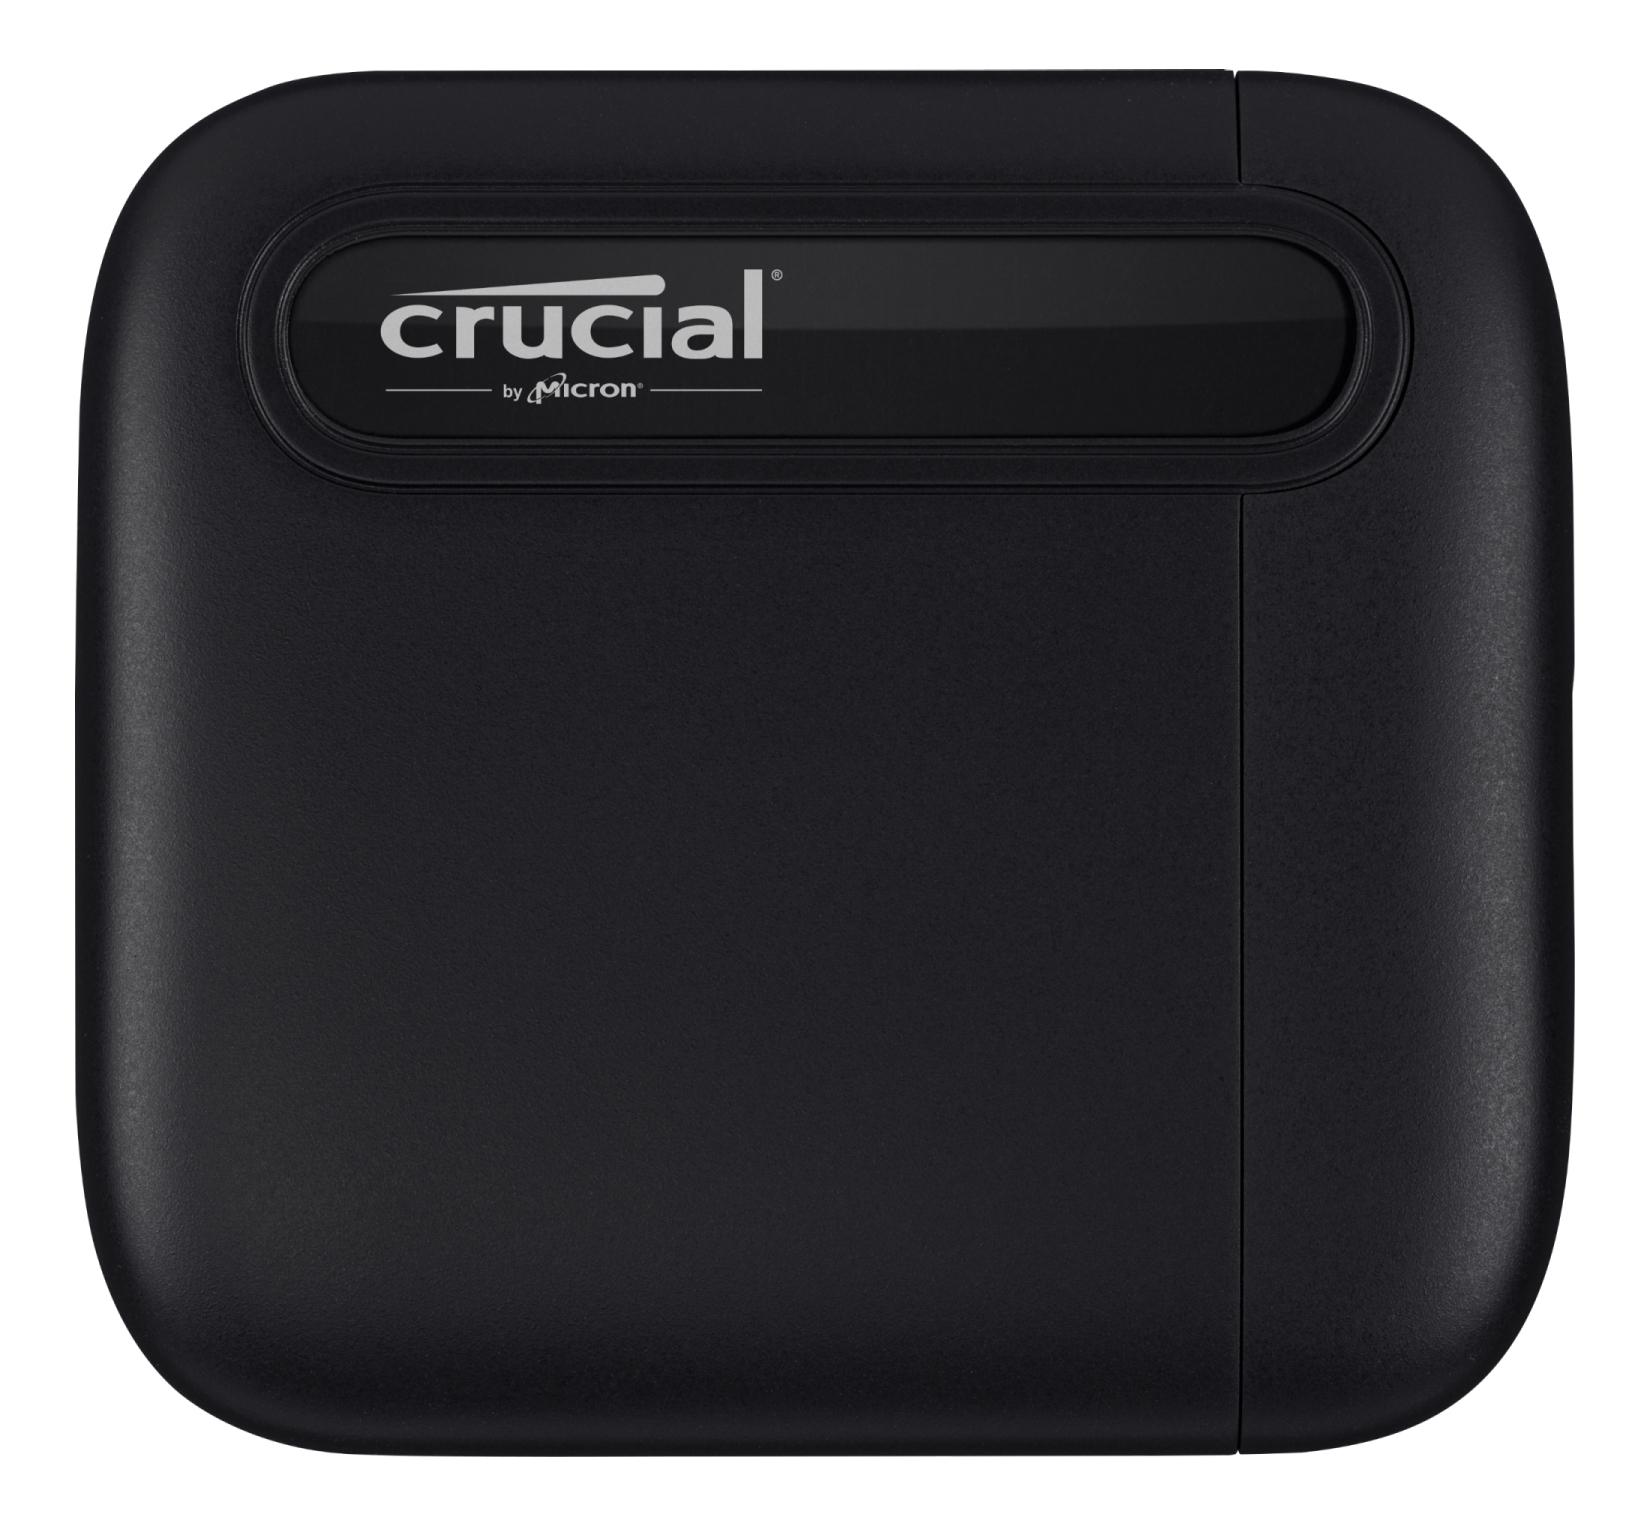 Crucial X6 1000 GB Black